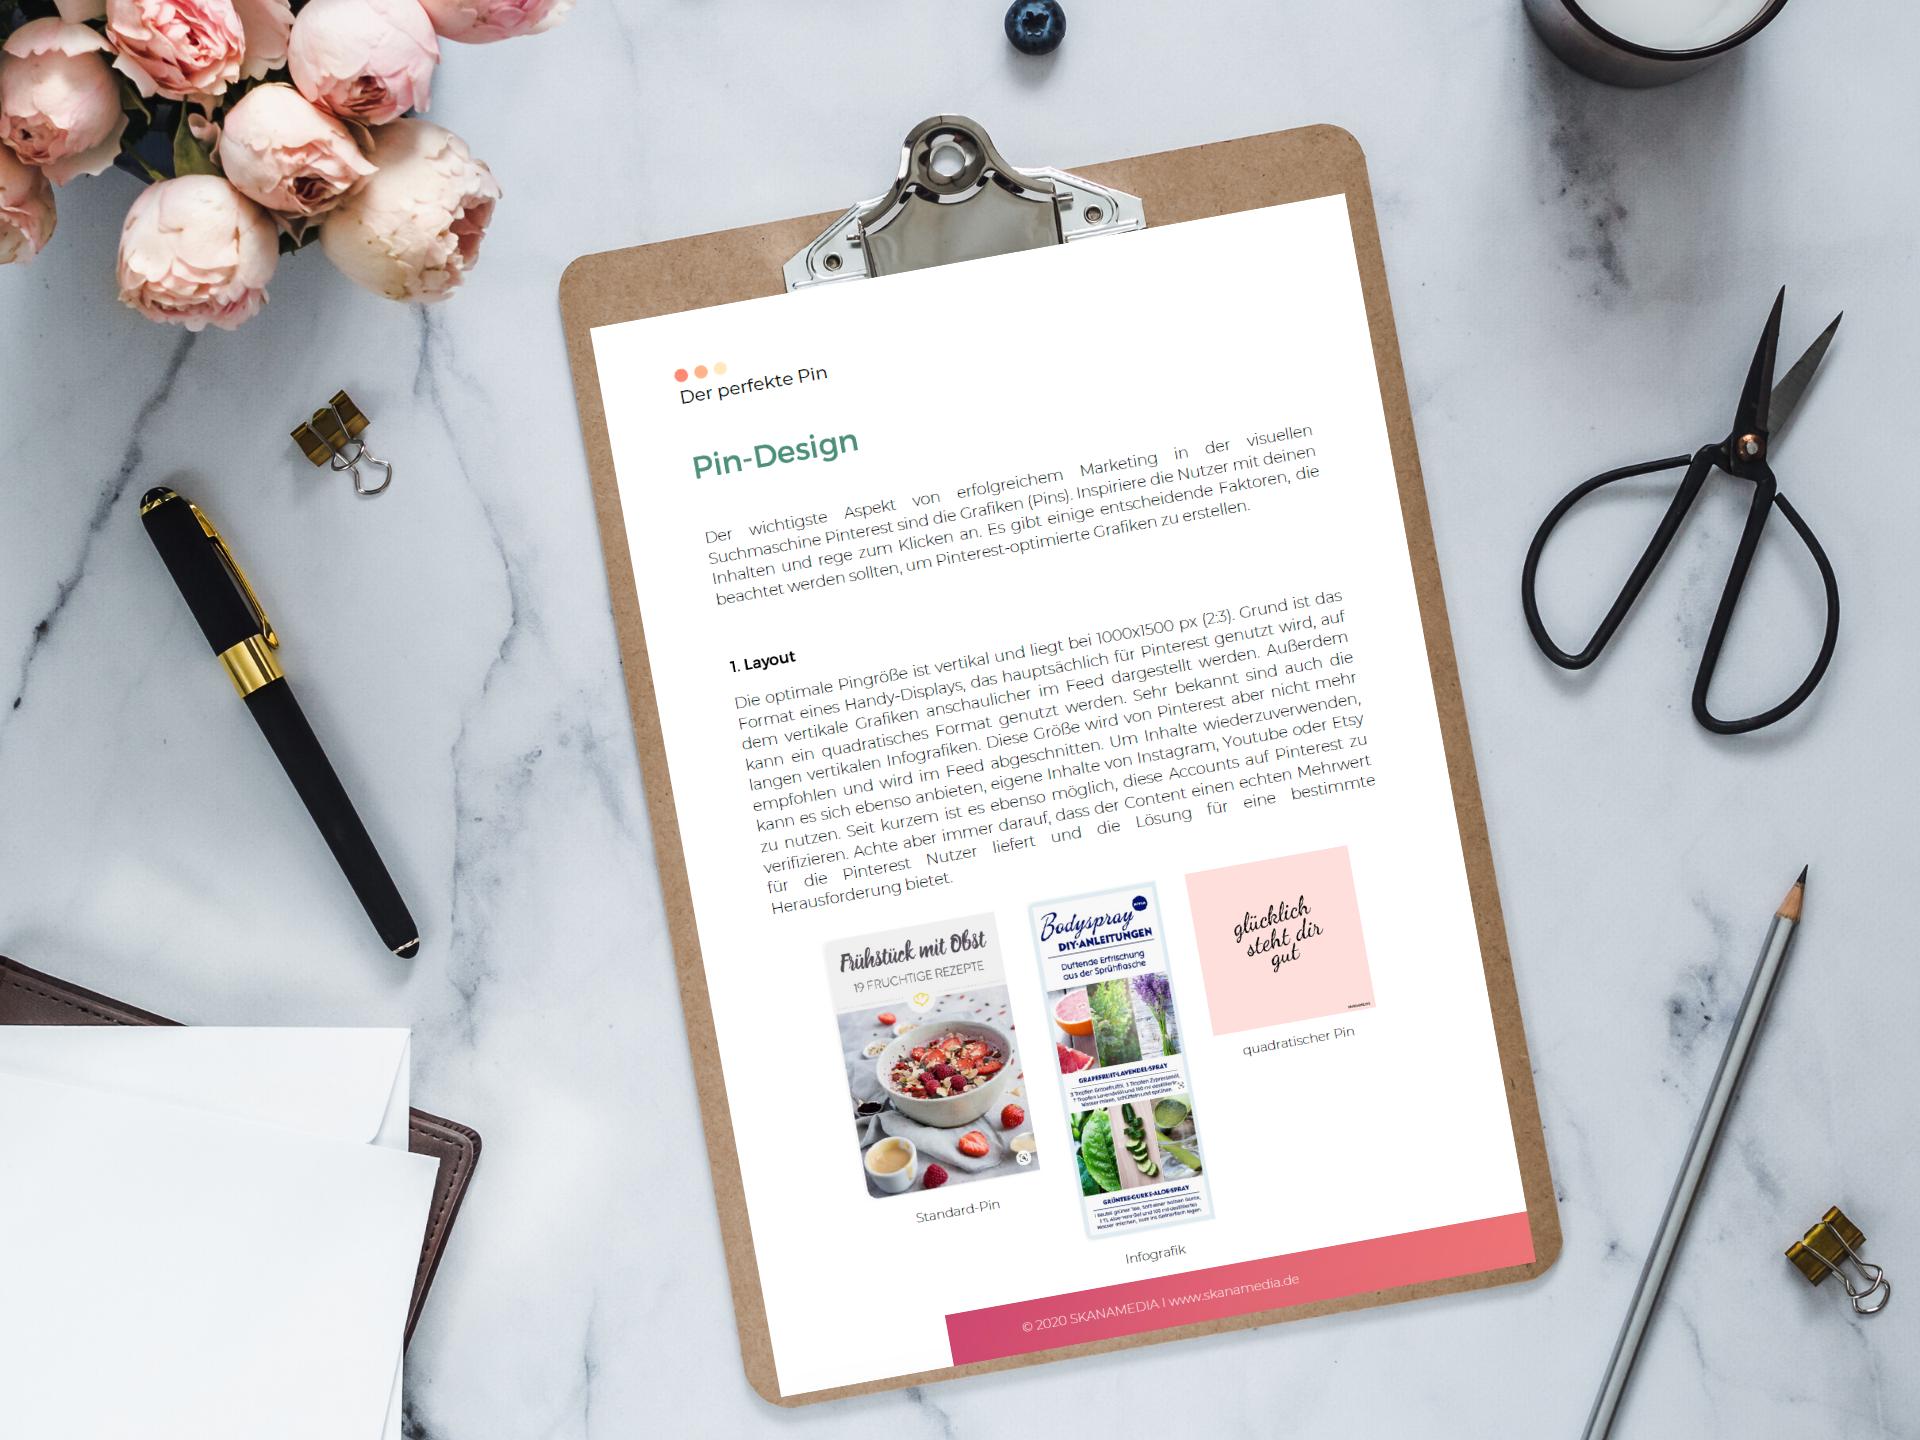 Design Tipps für dein optimales Pin Design auf Pinterest - kostenloses PDF